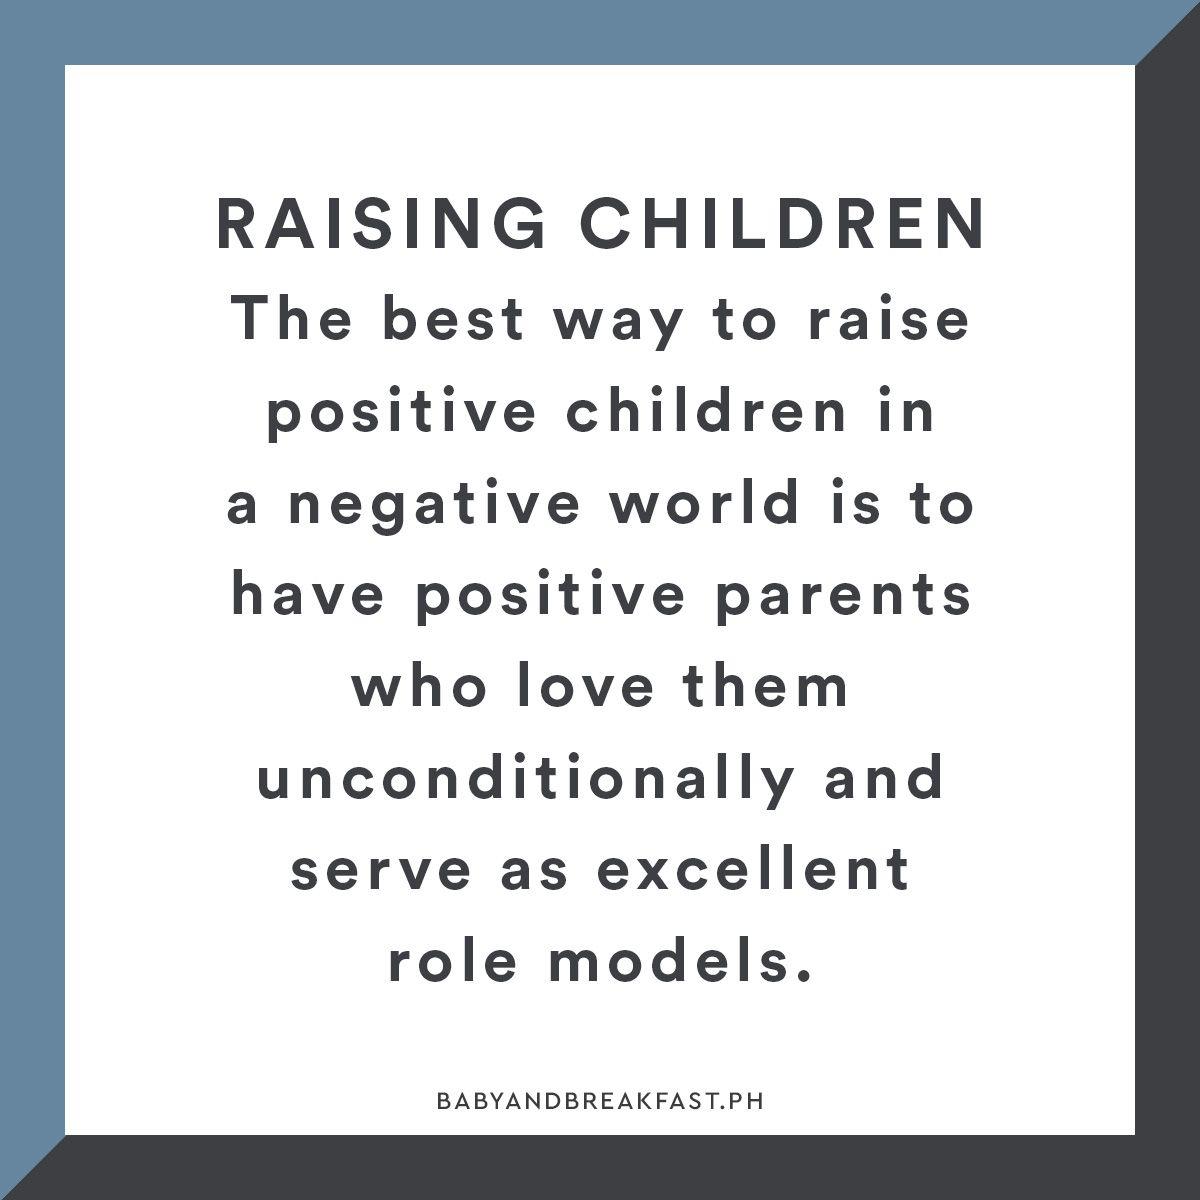 Raising Children The Best Way To Raise Positive Children